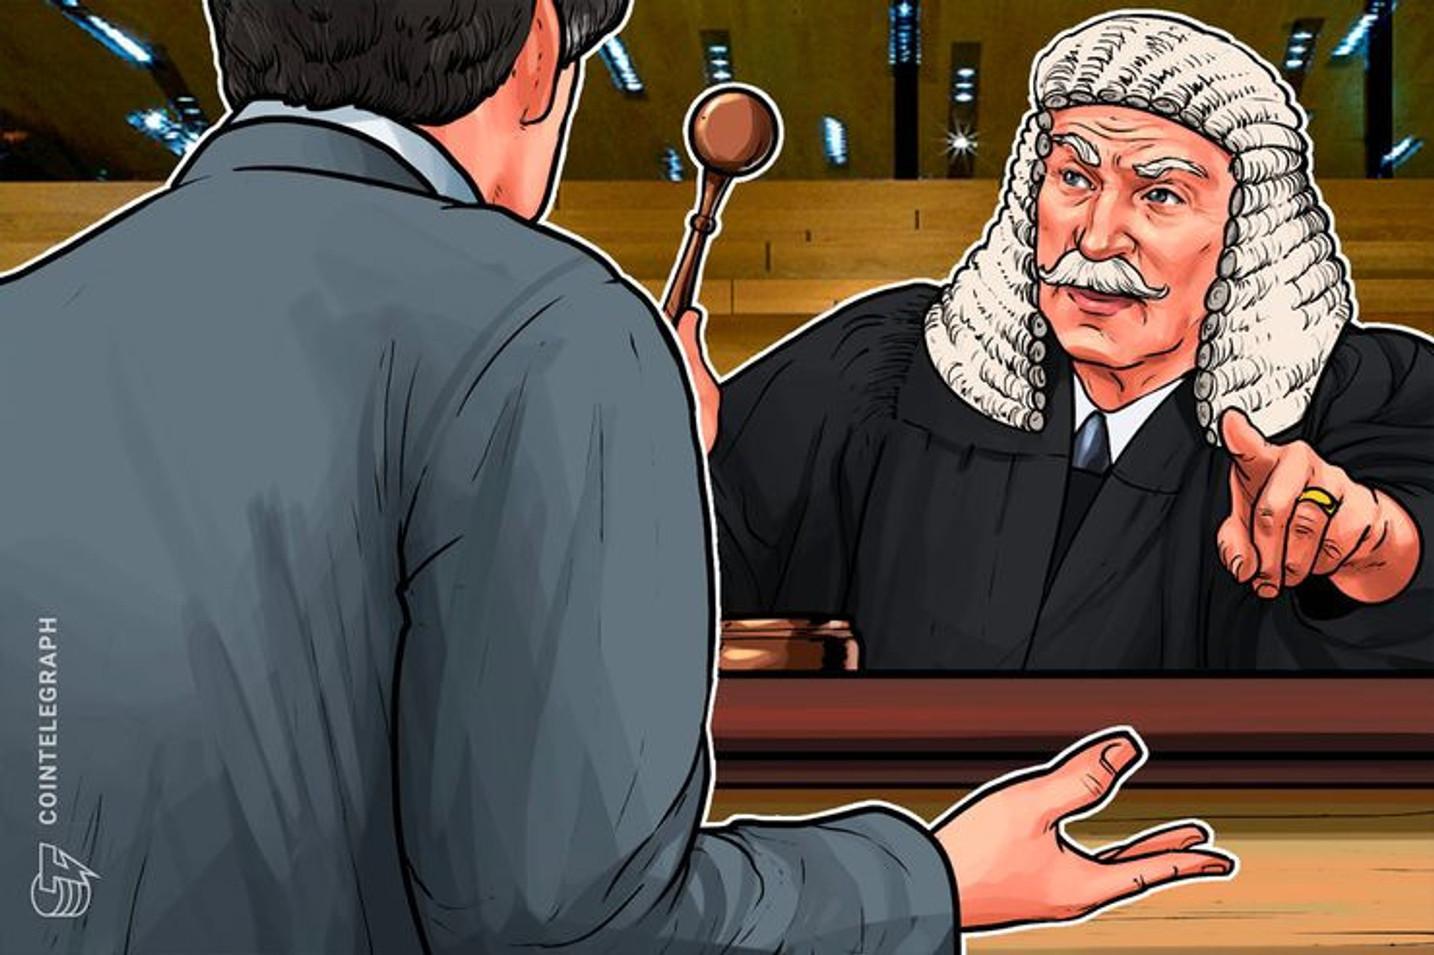 Zero10 Club diz que abrirá representação contra Juiz no CNJ e que não responde a processos